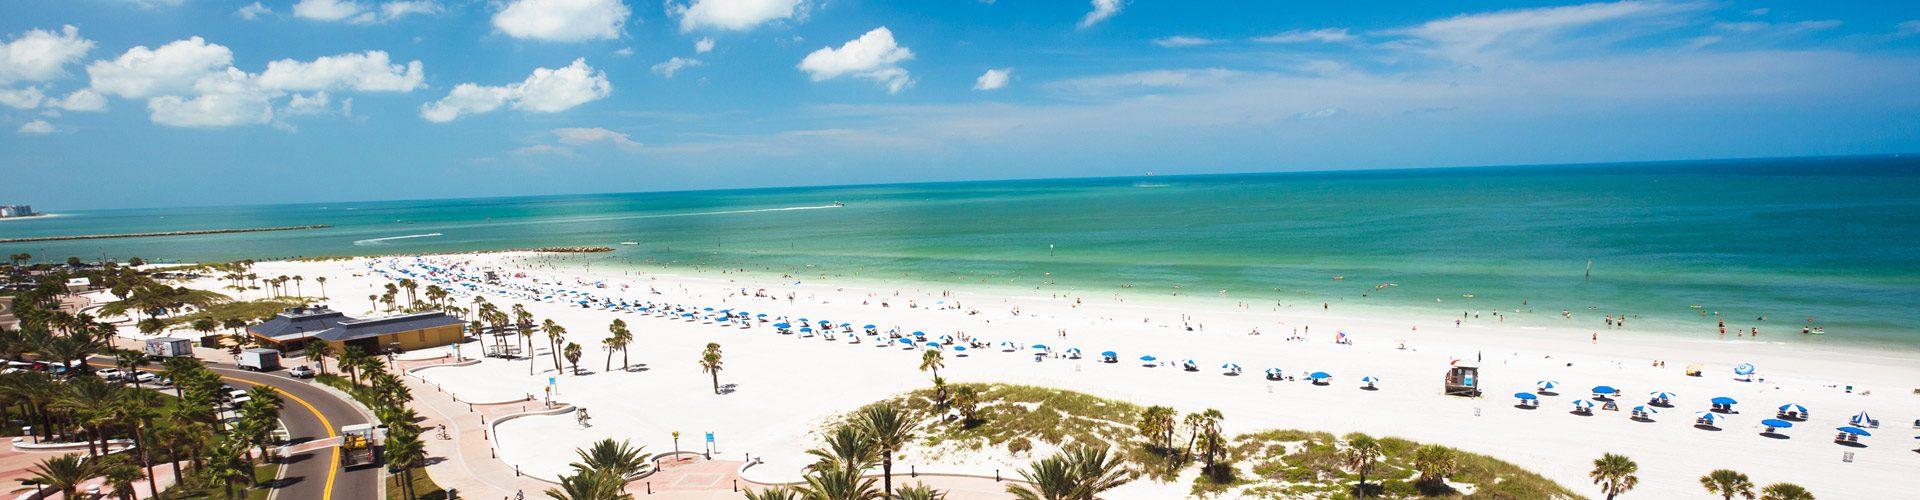 Karte Von Florida Westkuste.Florida Westkuste Traumhafte Inseln Und Unberuhrte Strande